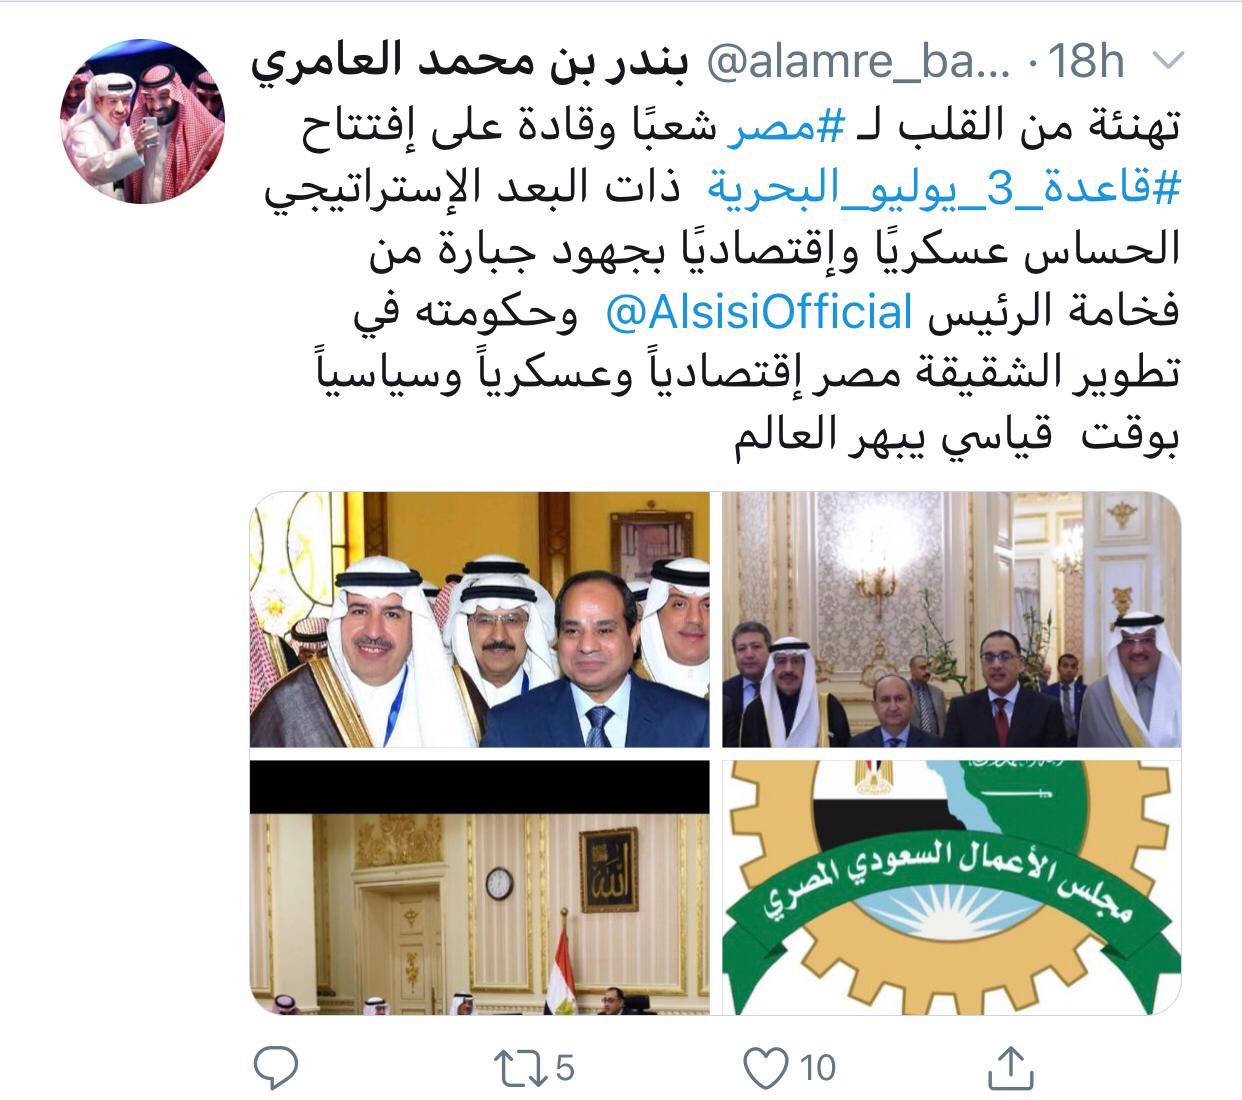 تغريدة رئيس مجلس الاعمال المصرى السعودى